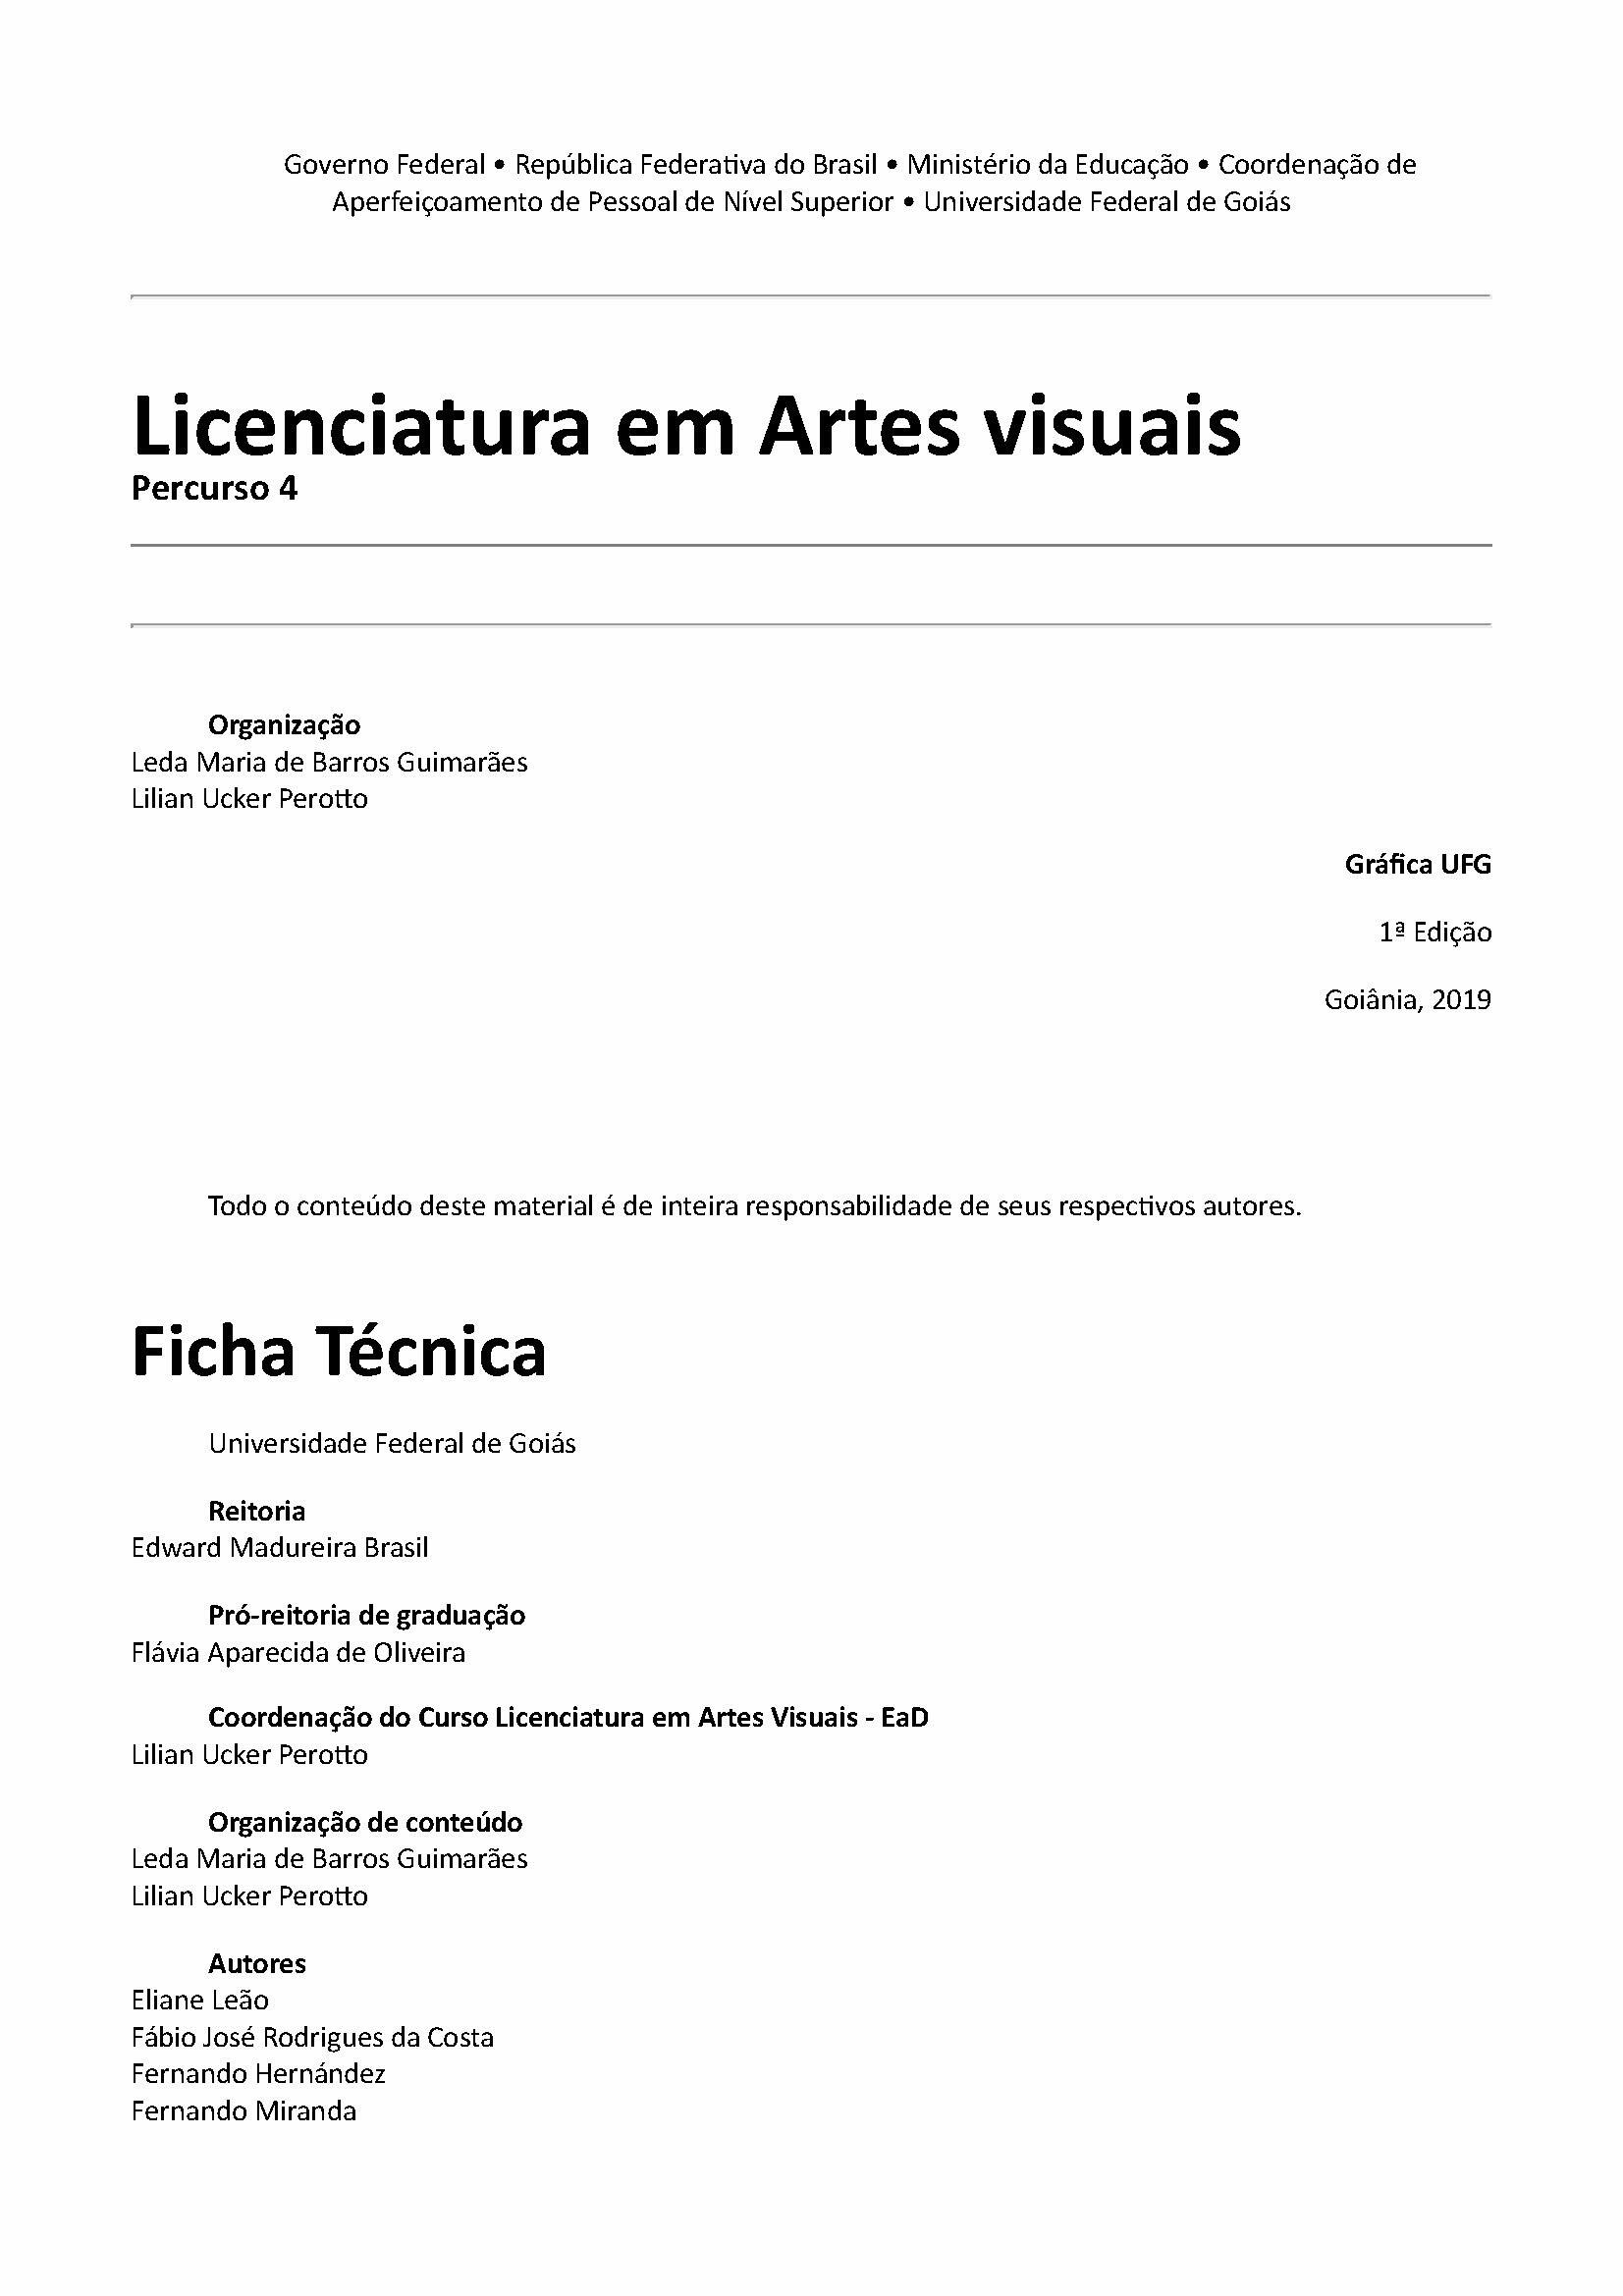 Licenciatura em Artes visuais -Percurso 4